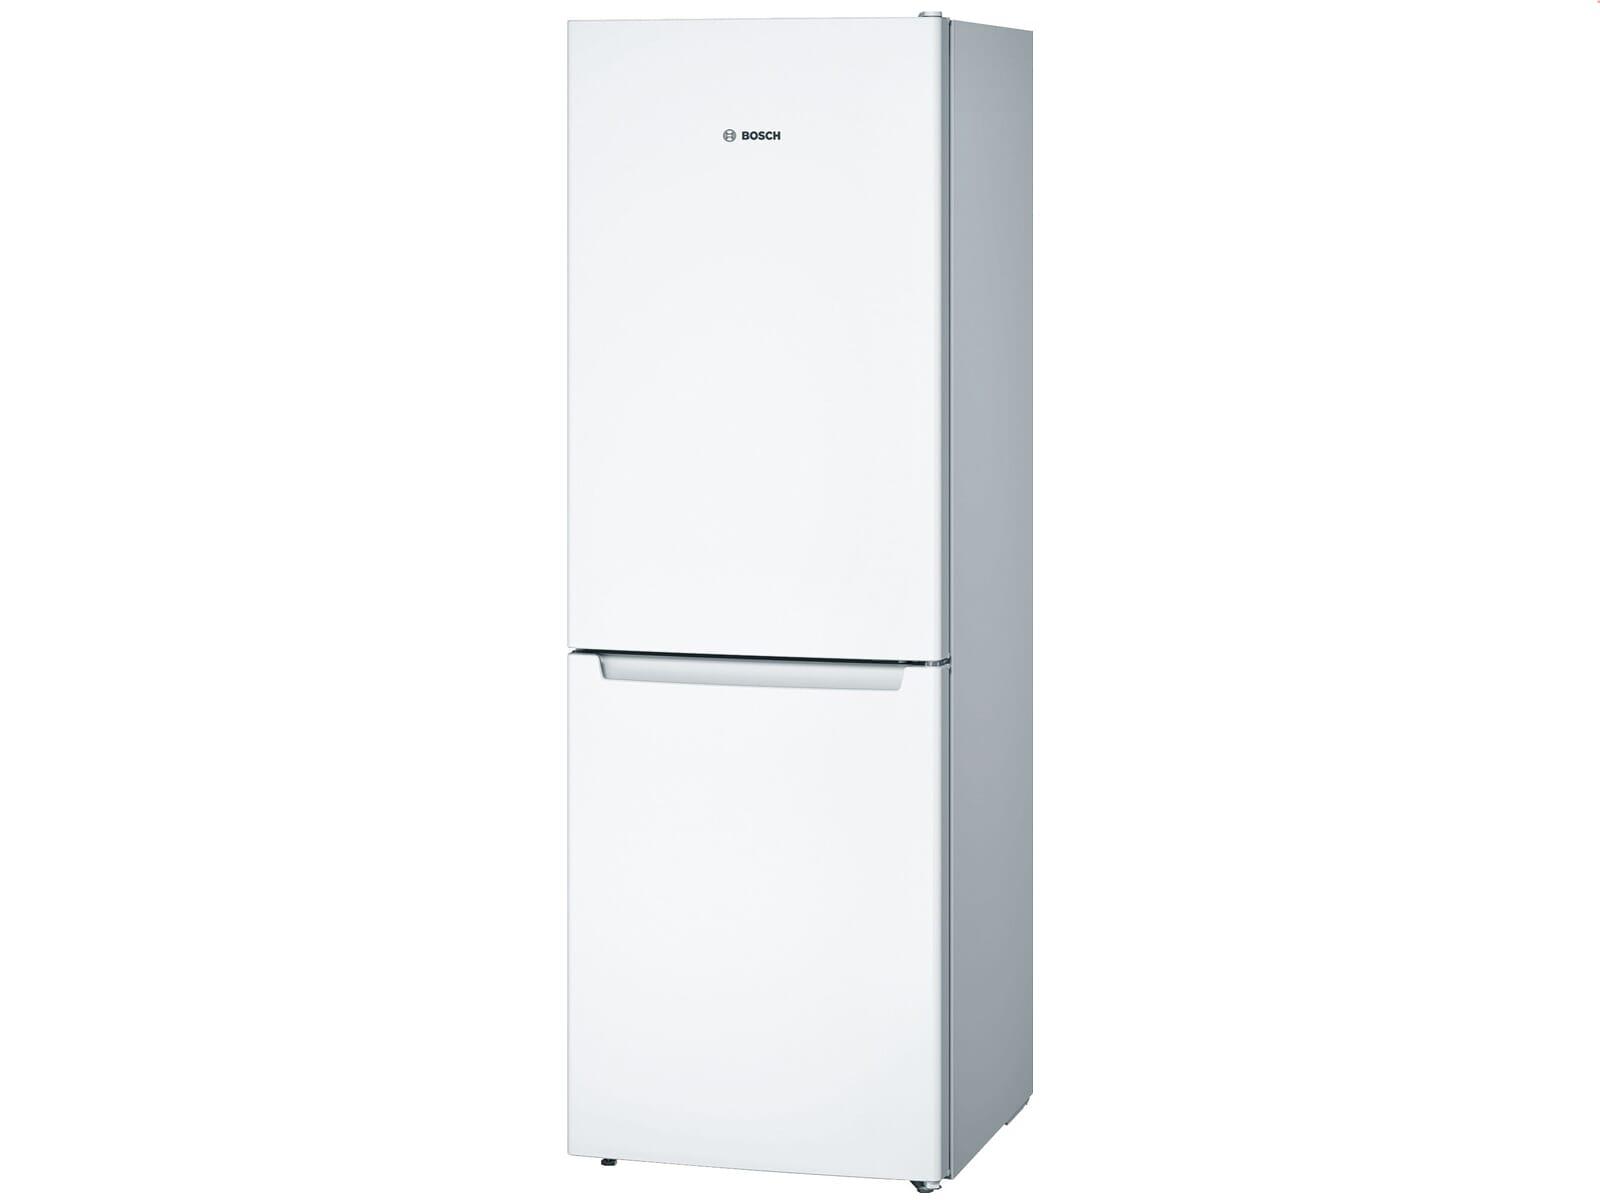 Bosch KGN33NW30 Kühl-Gefrierkombination Weiß